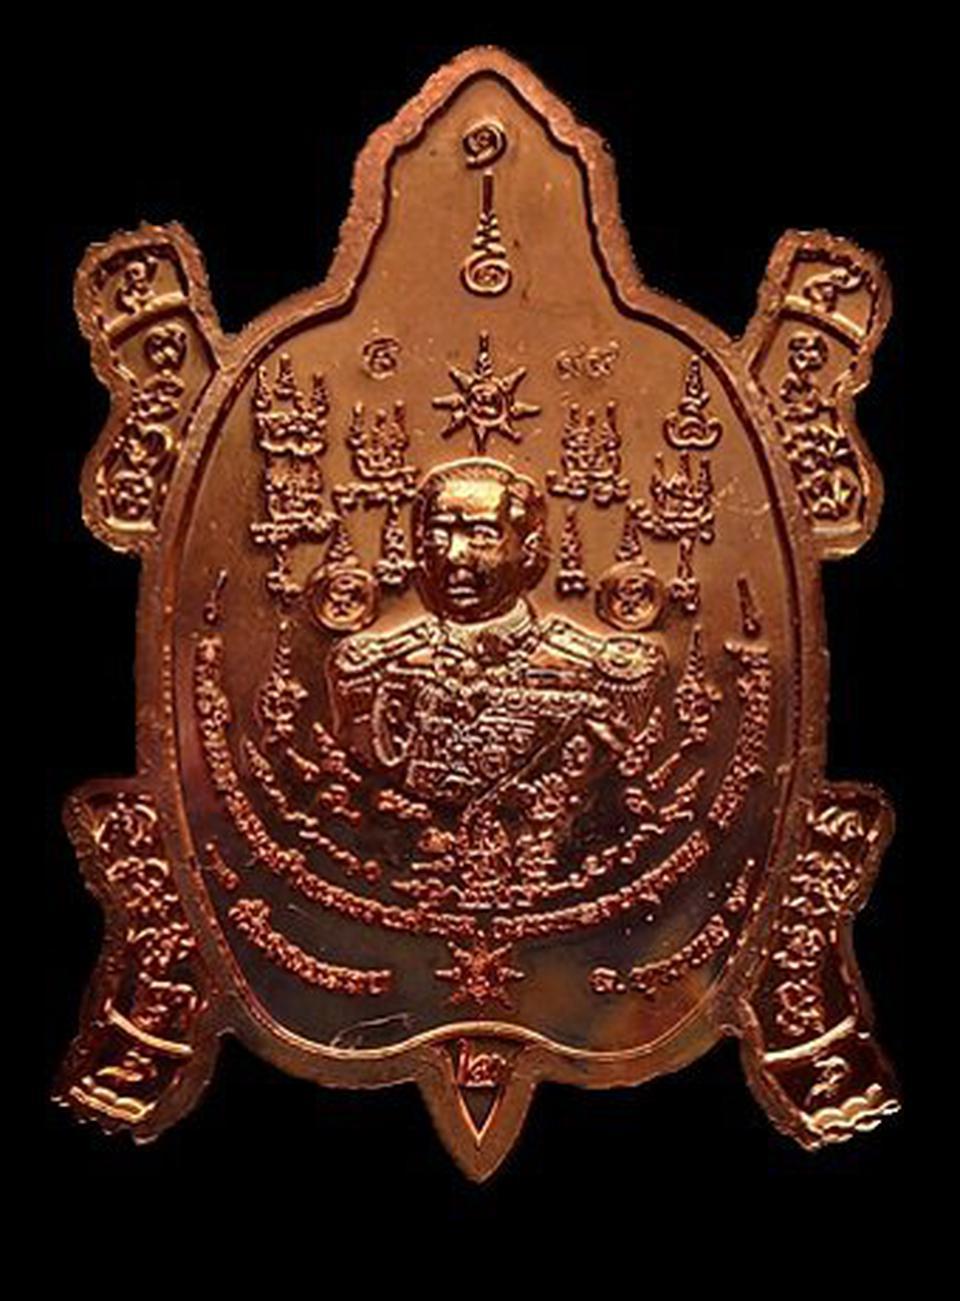 เหรียญพญาเต่ามังกร กรมหลวงชุมพร วัดดอนรวบ จ.ชุมพร ปี 63 รุ่นรวมพุทธคุณ เนื้อทองแดงลงยา  รูปที่ 2